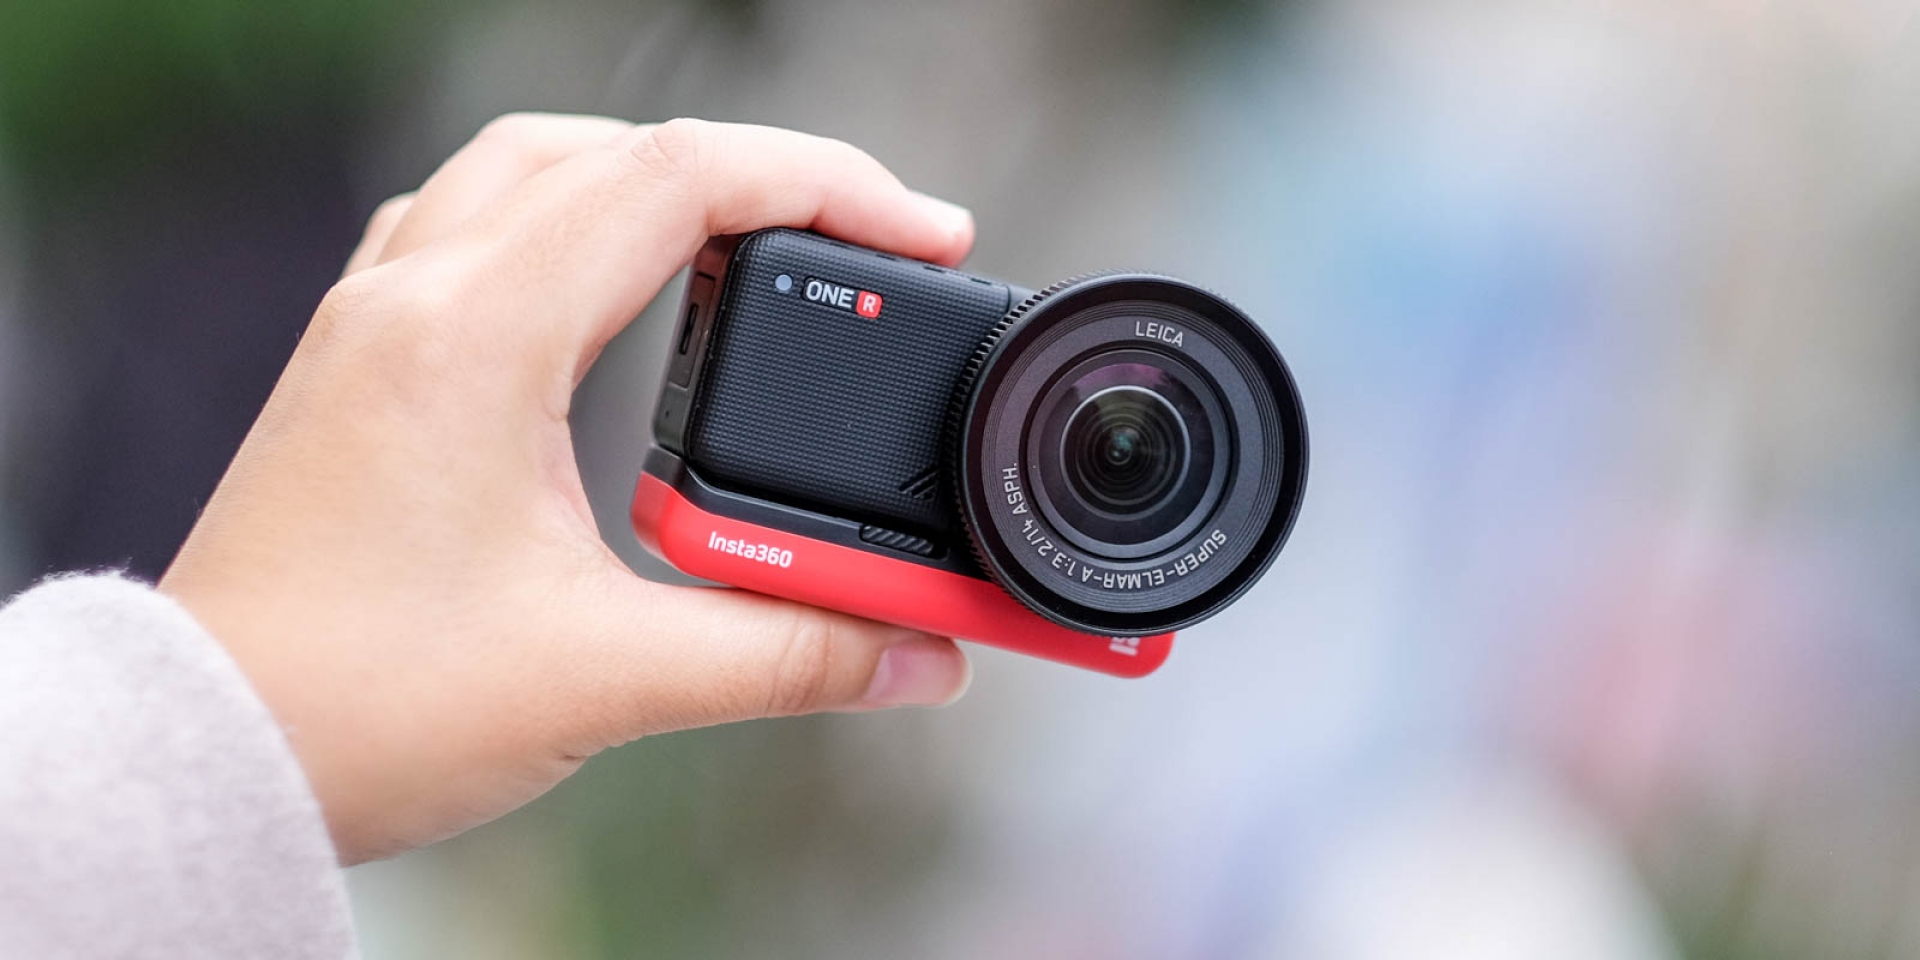 夜拍超強悍、全景創作無極限!Insta360 One R Leica 1英吋鏡頭、360鏡頭實測